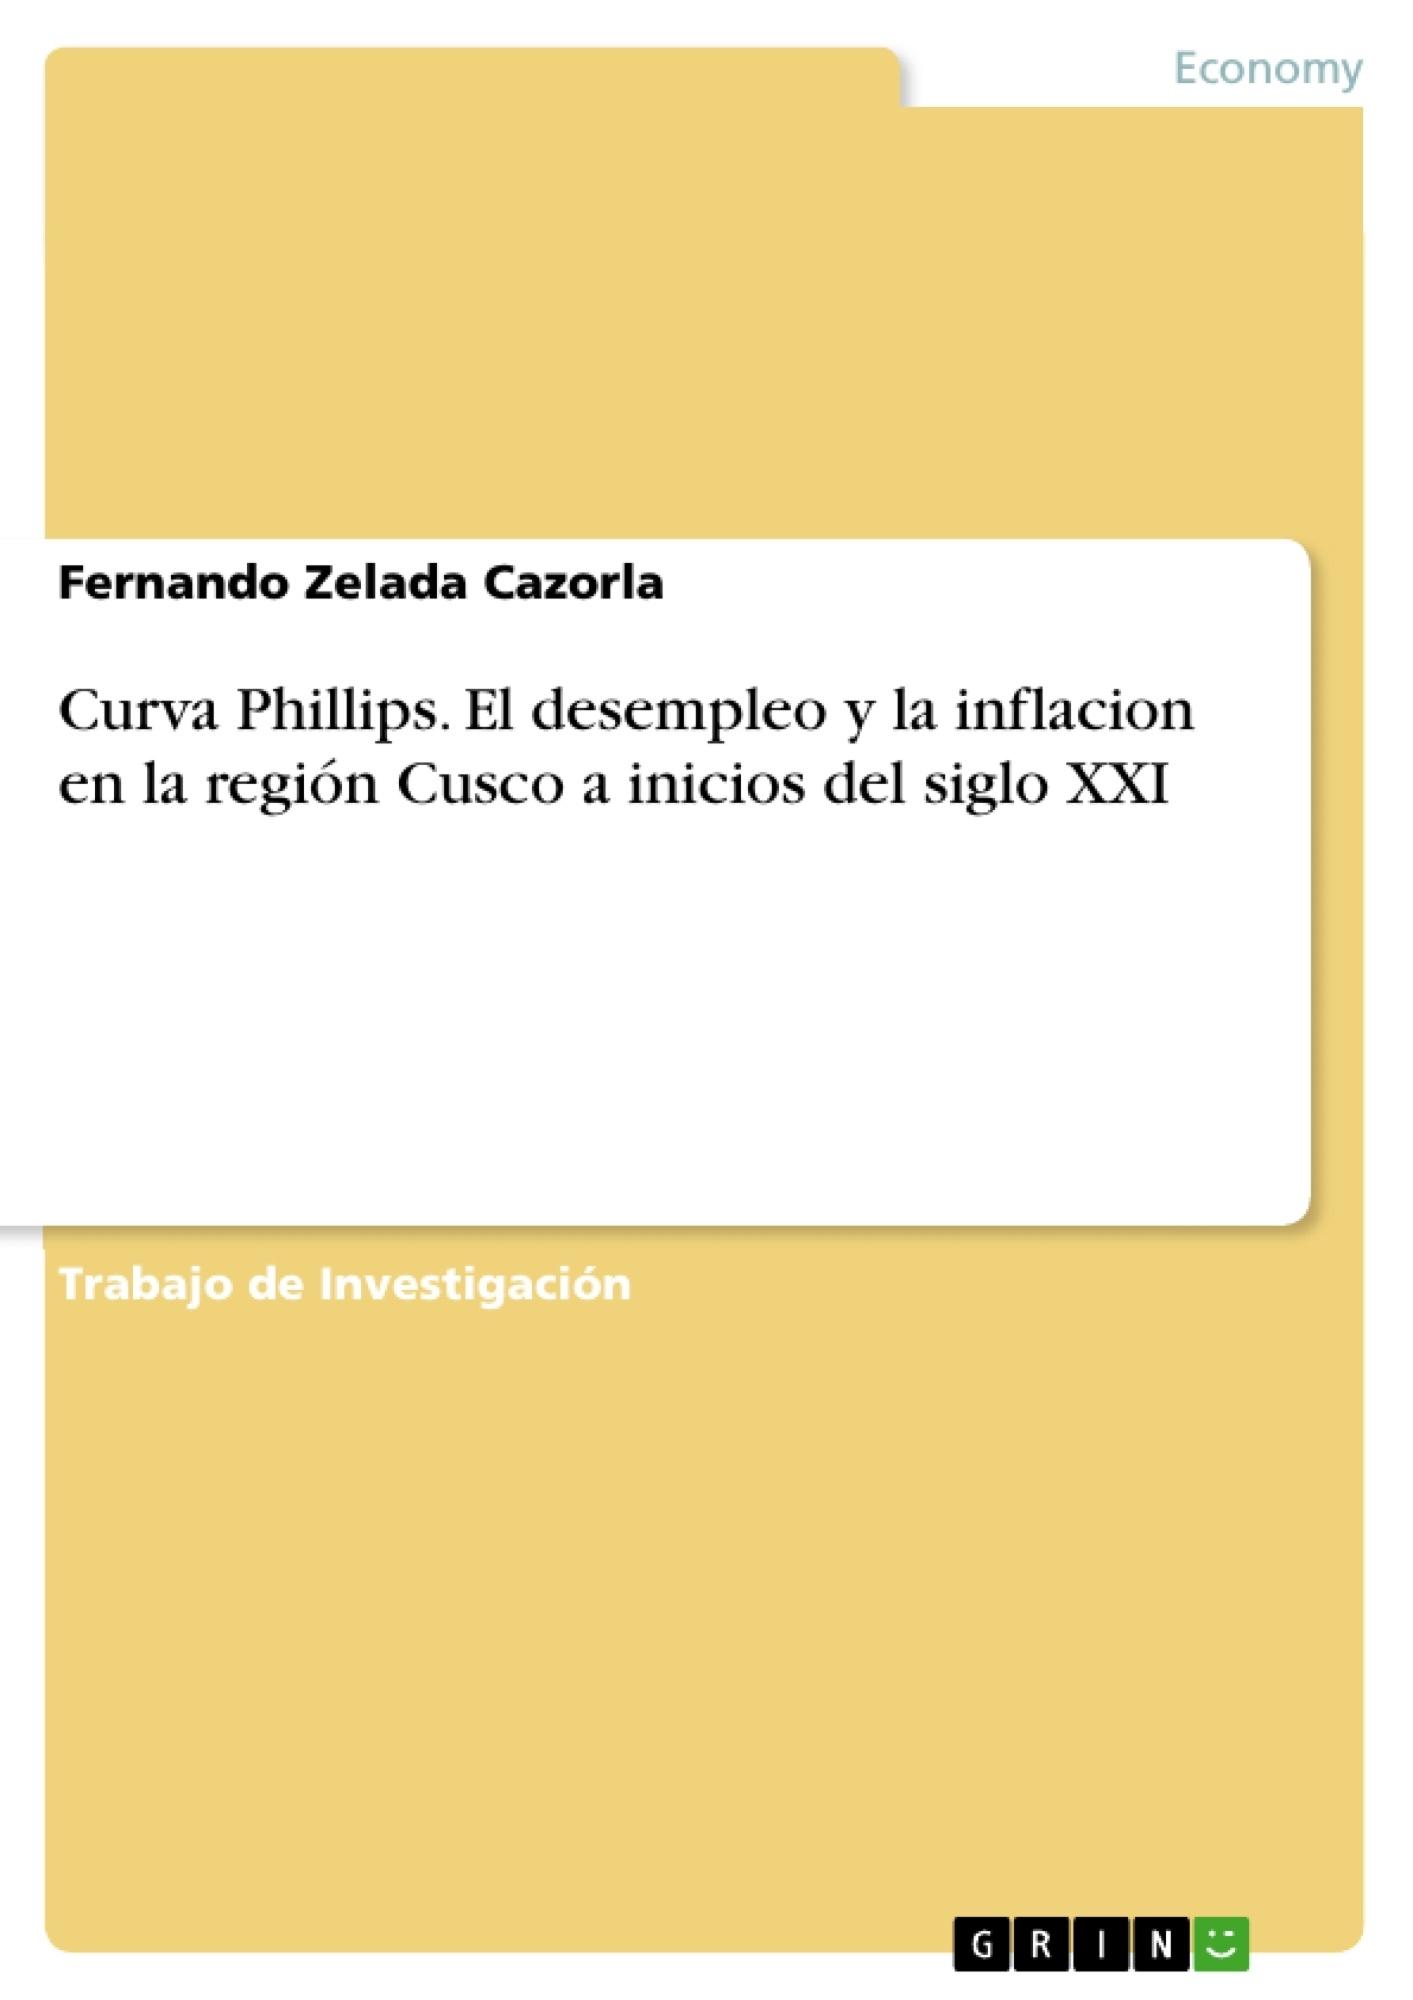 Título: Curva Phillips. El desempleo y la inflacion en la región Cusco a inicios del siglo XXI